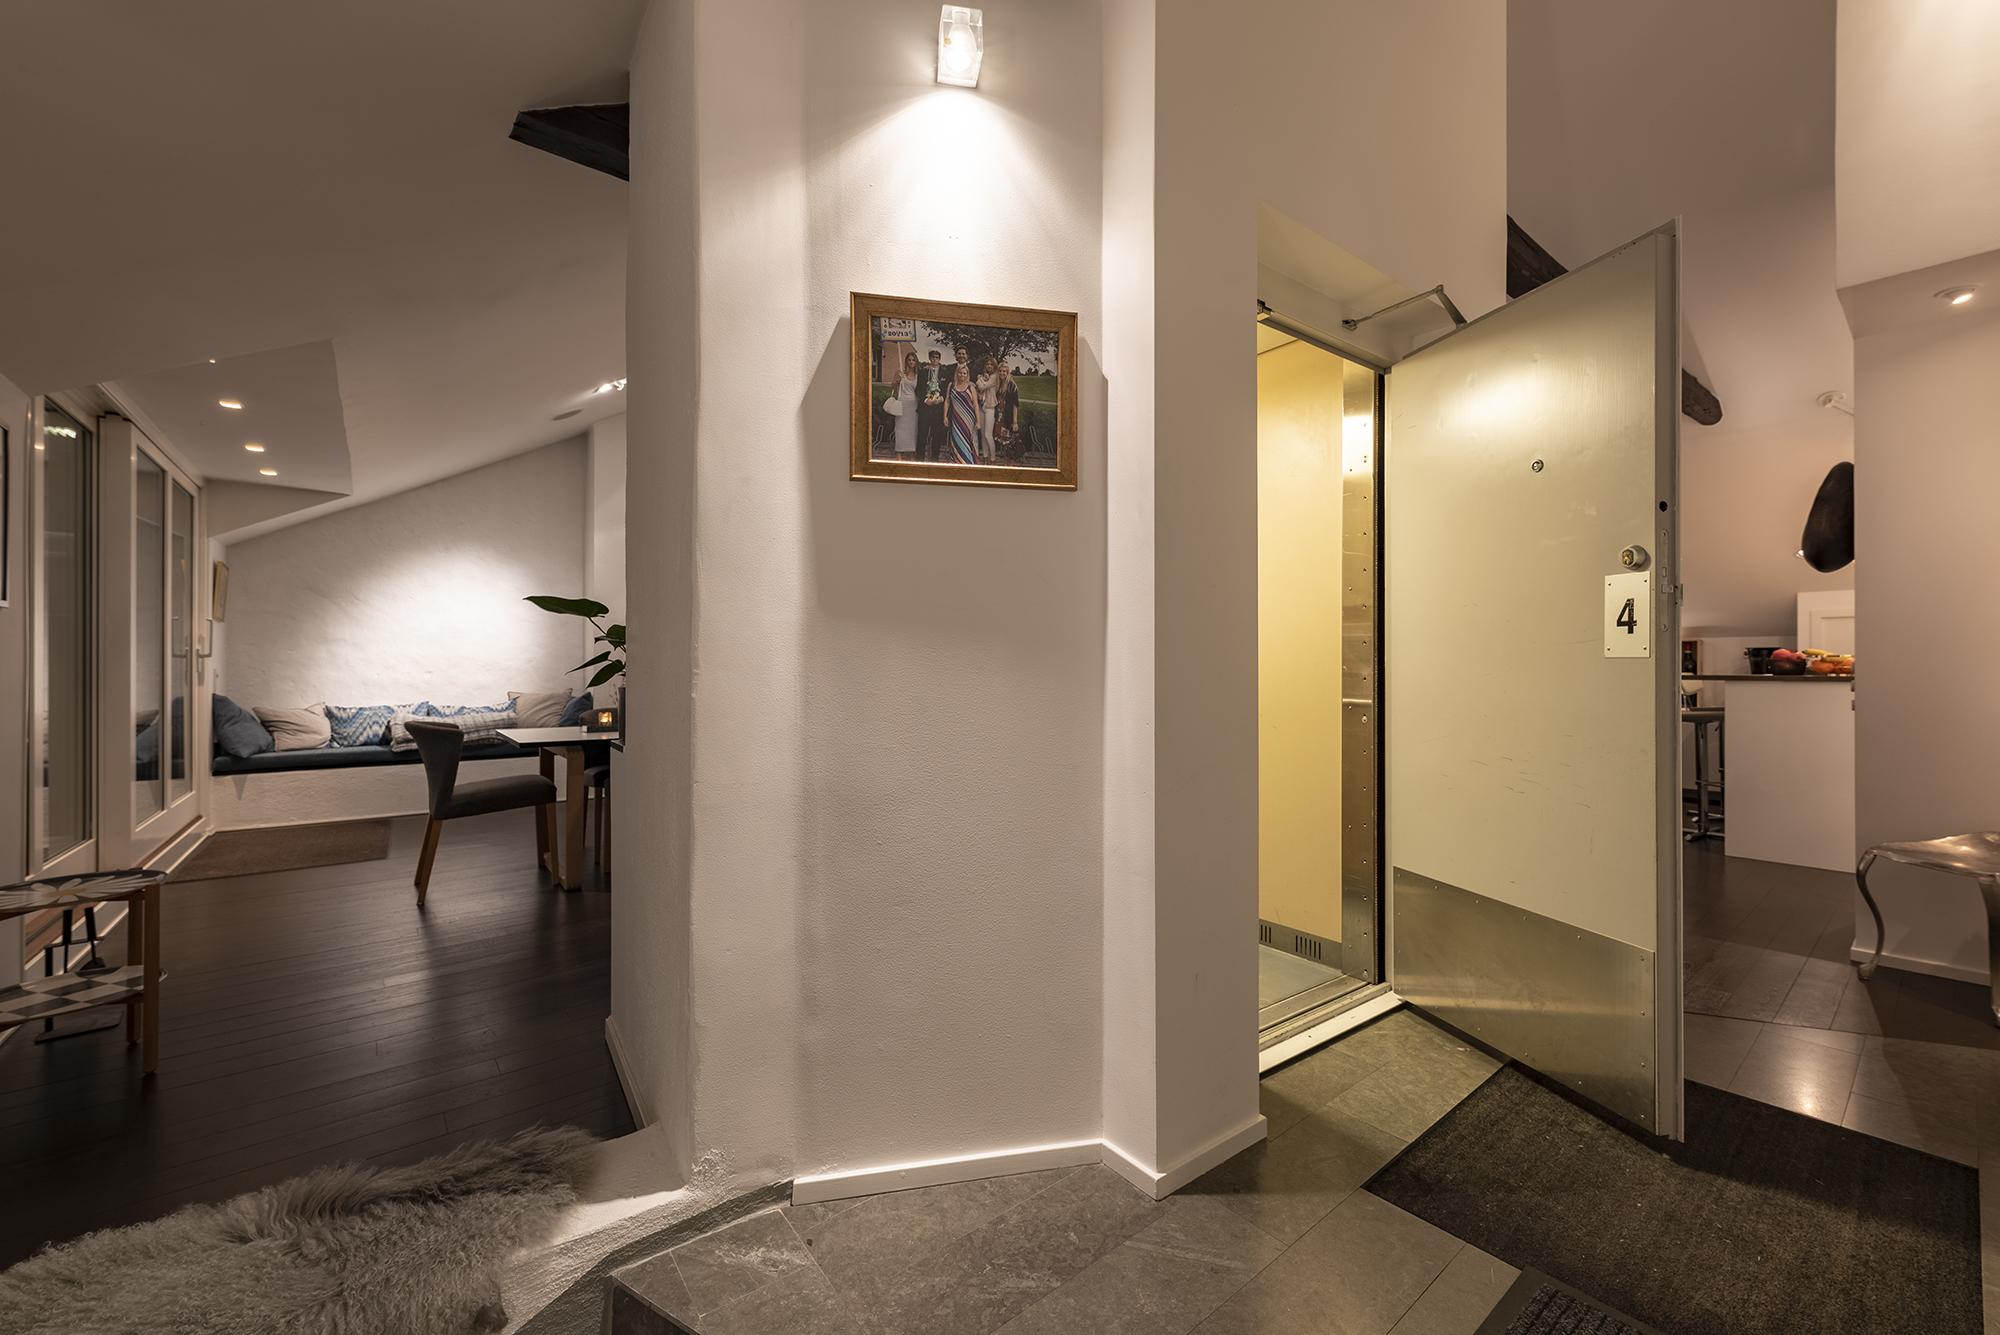 Hiss in i våningen